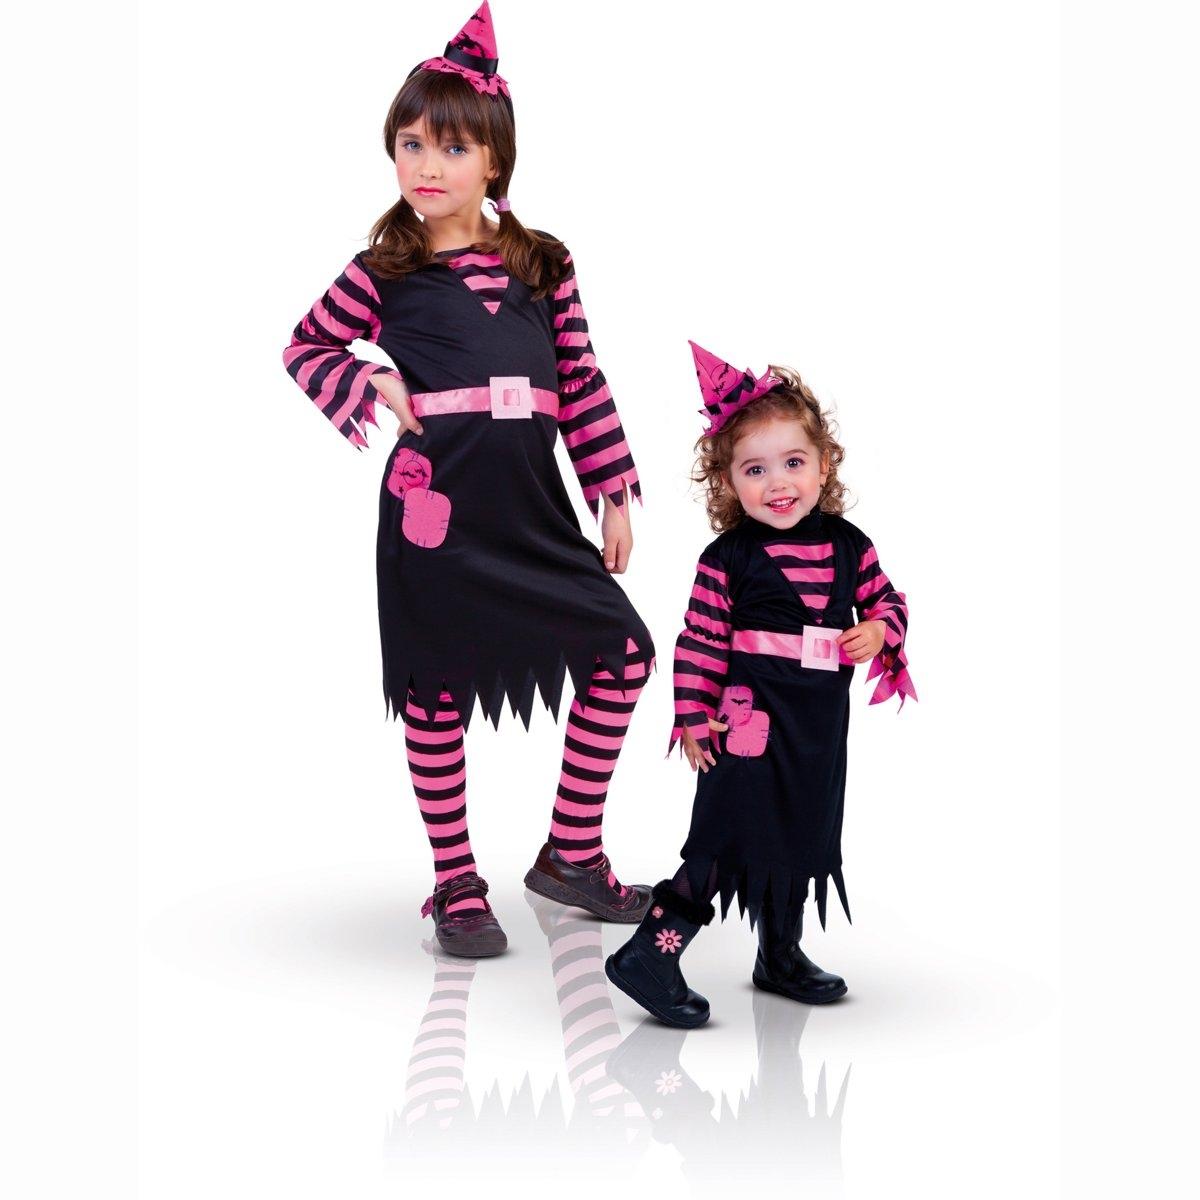 Маскарадный костюм ведьмыМаскарадный костюм ведьмы. Платье ведьмы чёрно-розового цвета и ободок в виде шляпки. 100% полиэстера.S: соответствует на 3-4 года. M: соответствует на 5-6 лет. L: соответствует на  7-8 лет<br><br>Цвет: набивной рисунок<br>Размер: M.L